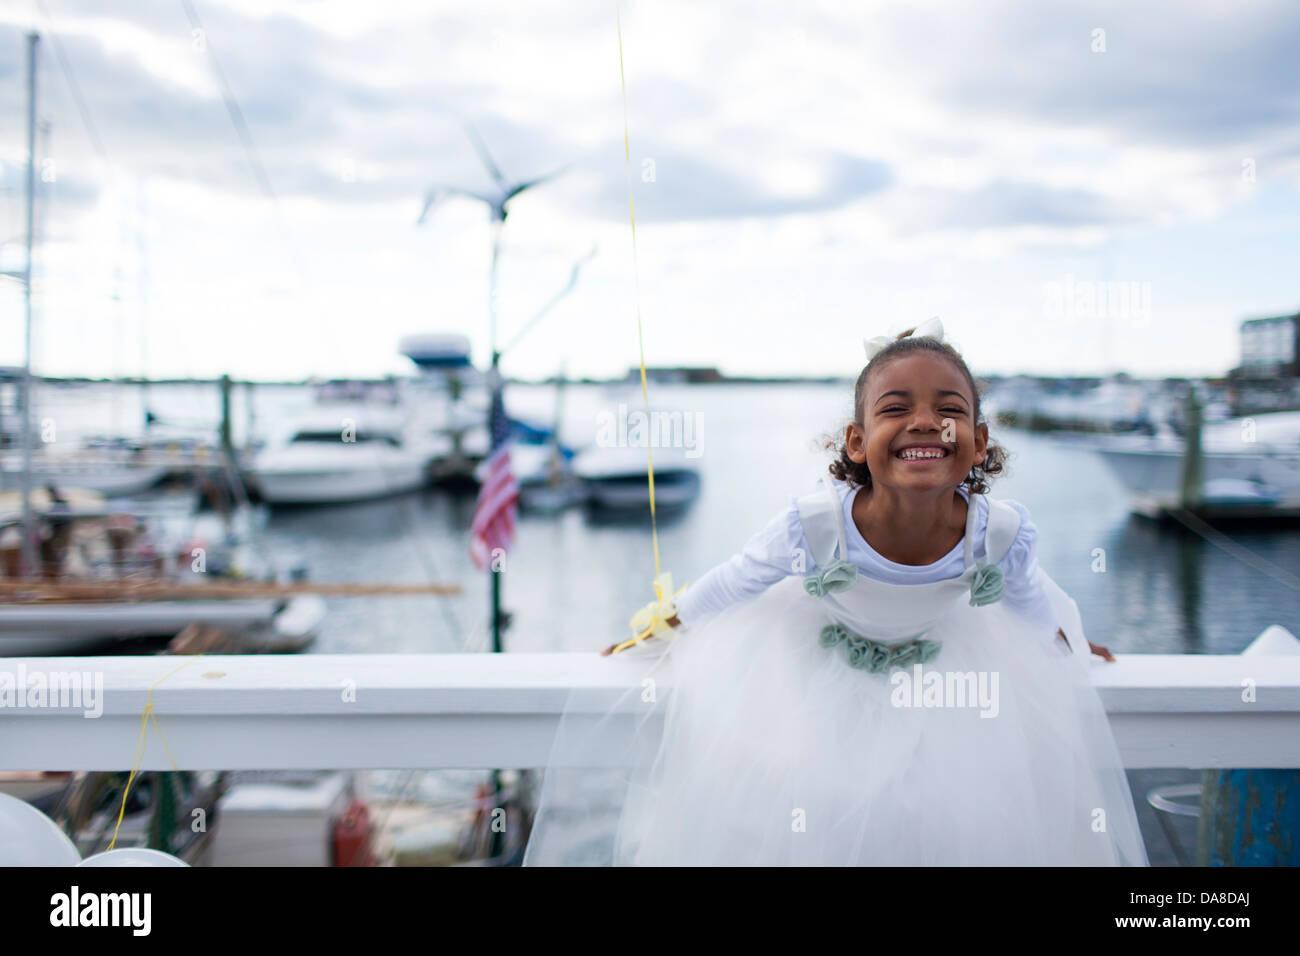 Ein Sechs Jahres Altes Farbige Mädchen Im Weißen Kleid Feiert Ihren